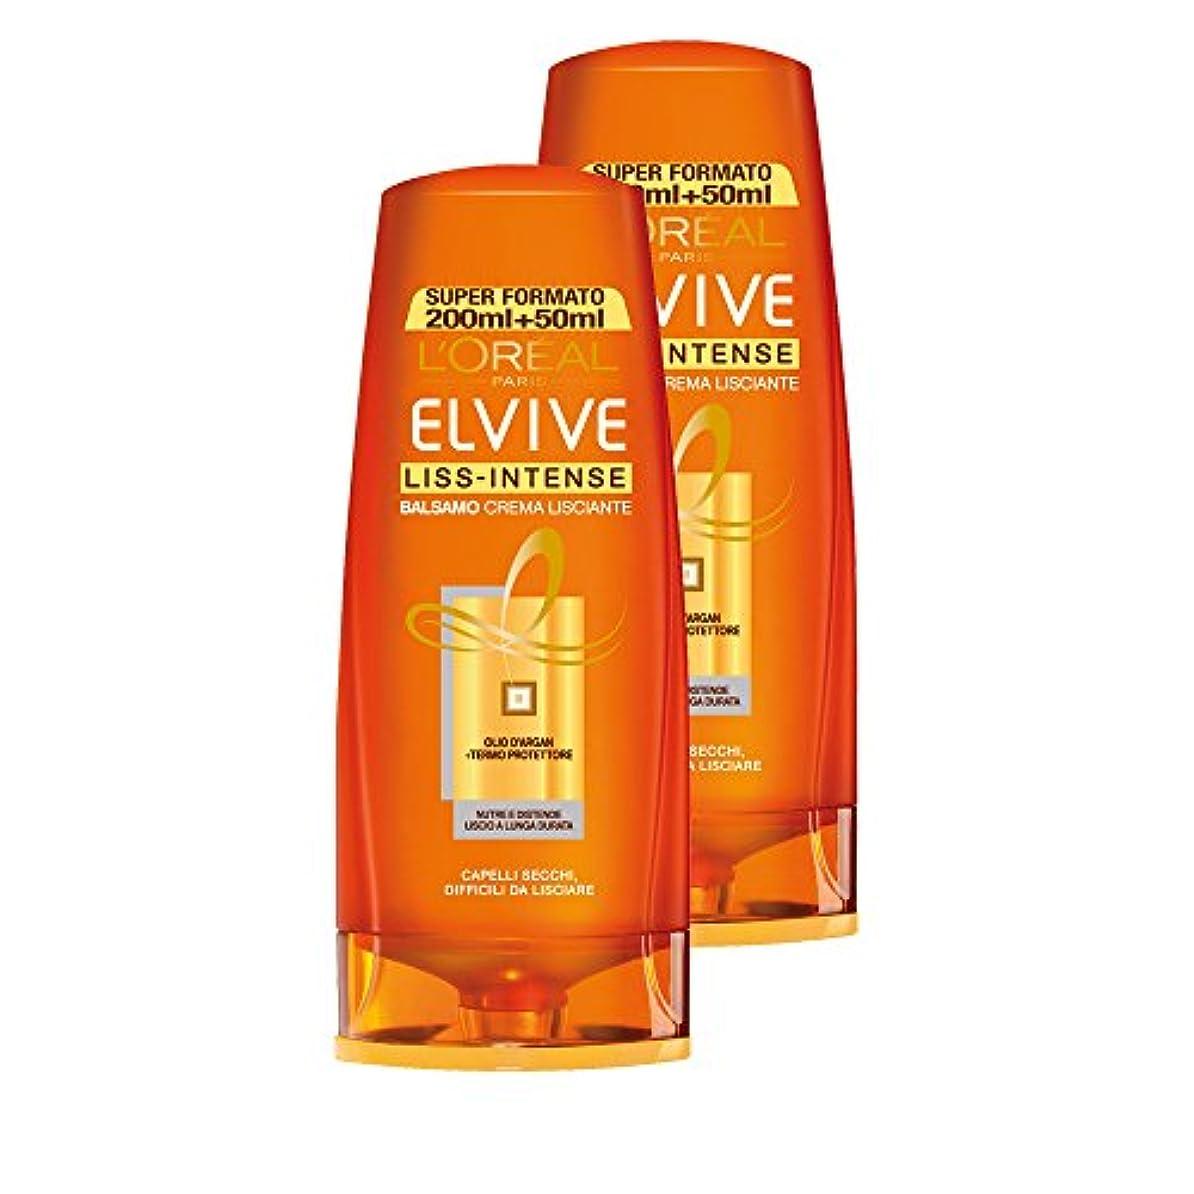 予報気を散らす姿を消すL 'OréalParis Elvive LISS-INTENSEバームクリームヘアサロン乾燥、なめらかにするのが難しい、3パック2 x 250 ml、合計:1500 ml